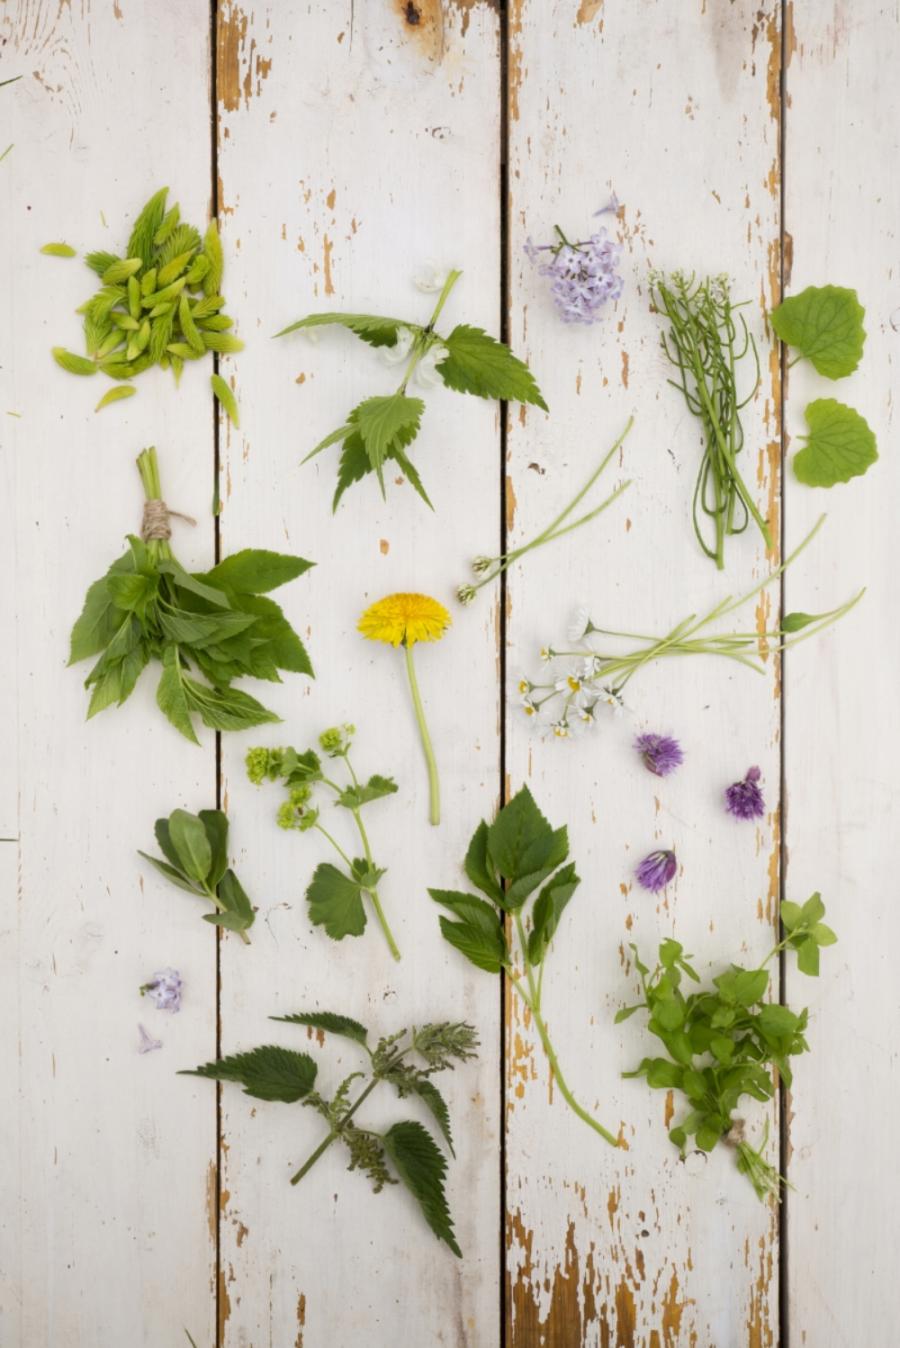 skillad floral design